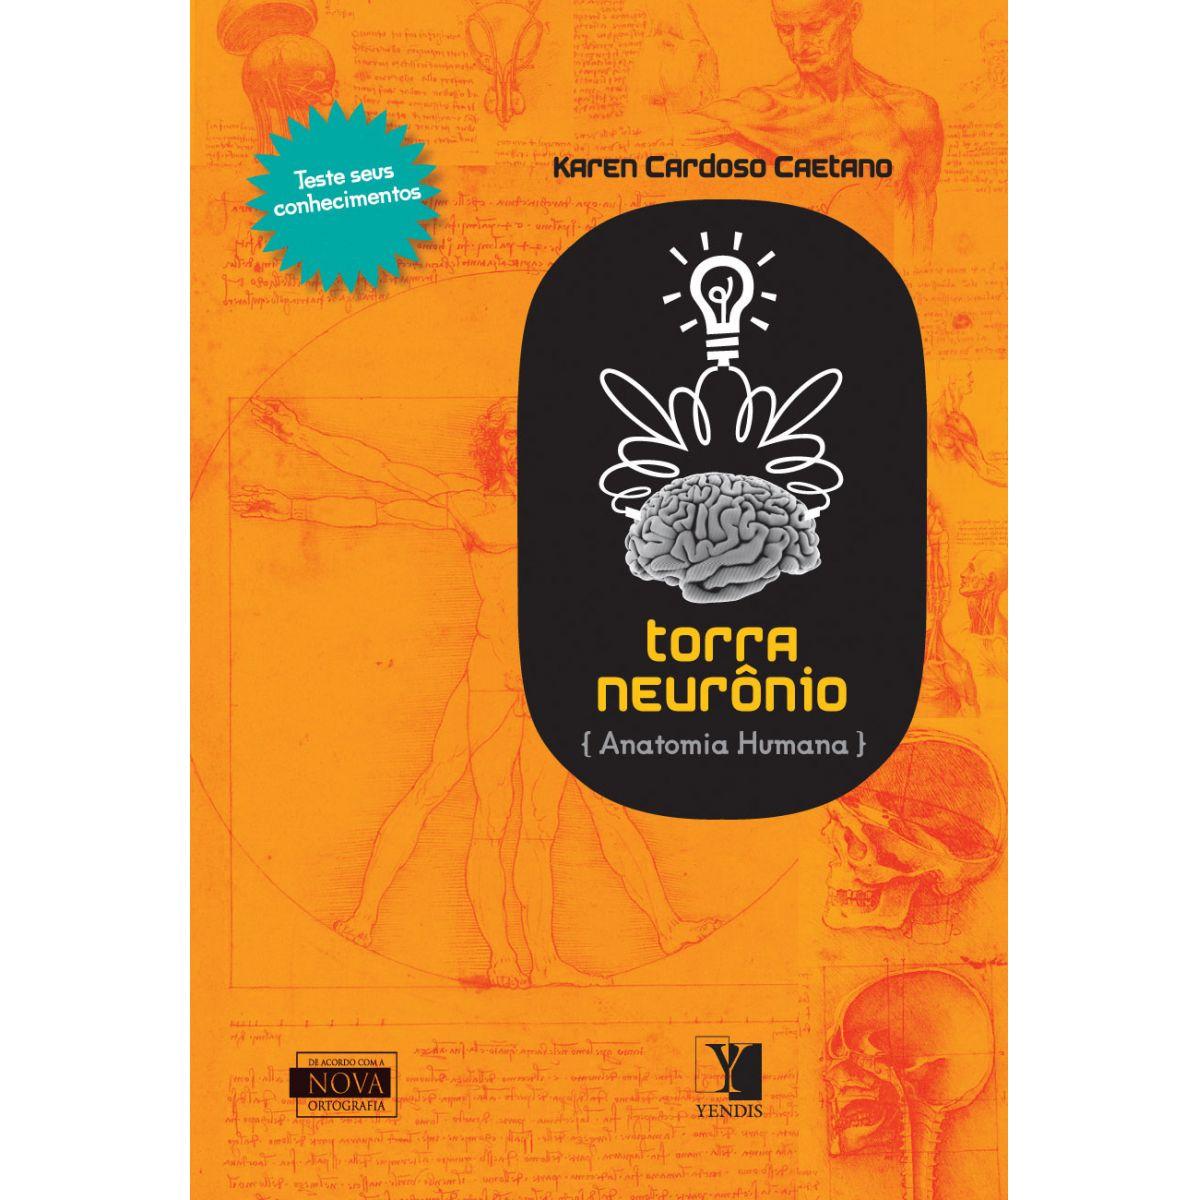 Torra Neurônio: anatomia humana